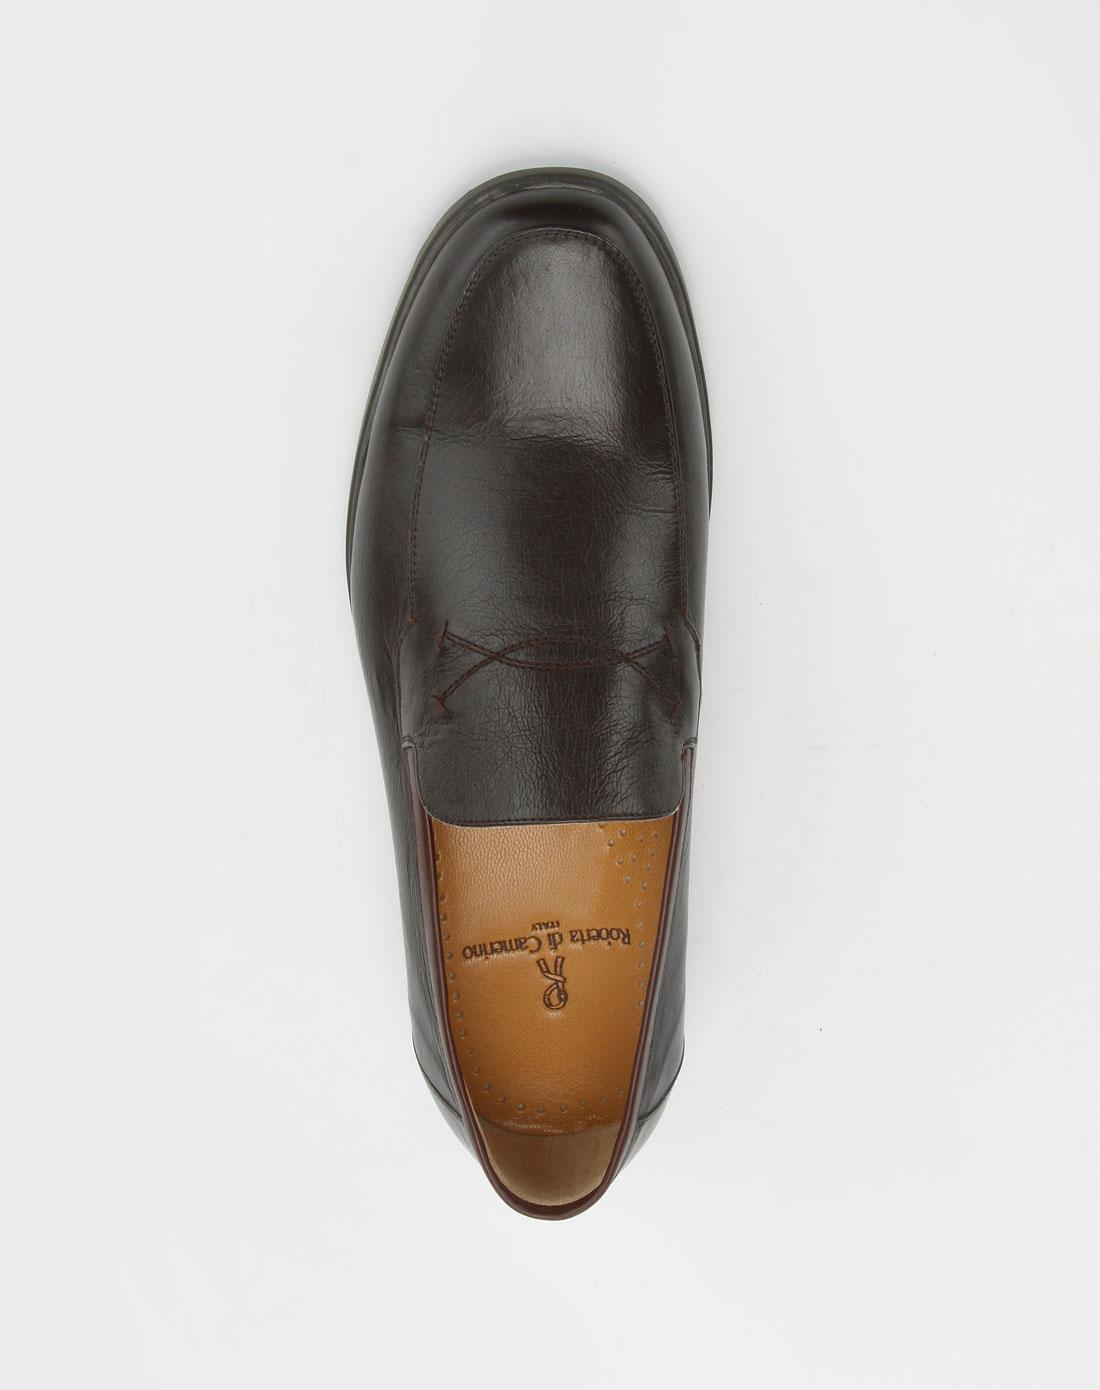 诺贝达皮鞋专卖店图片集合